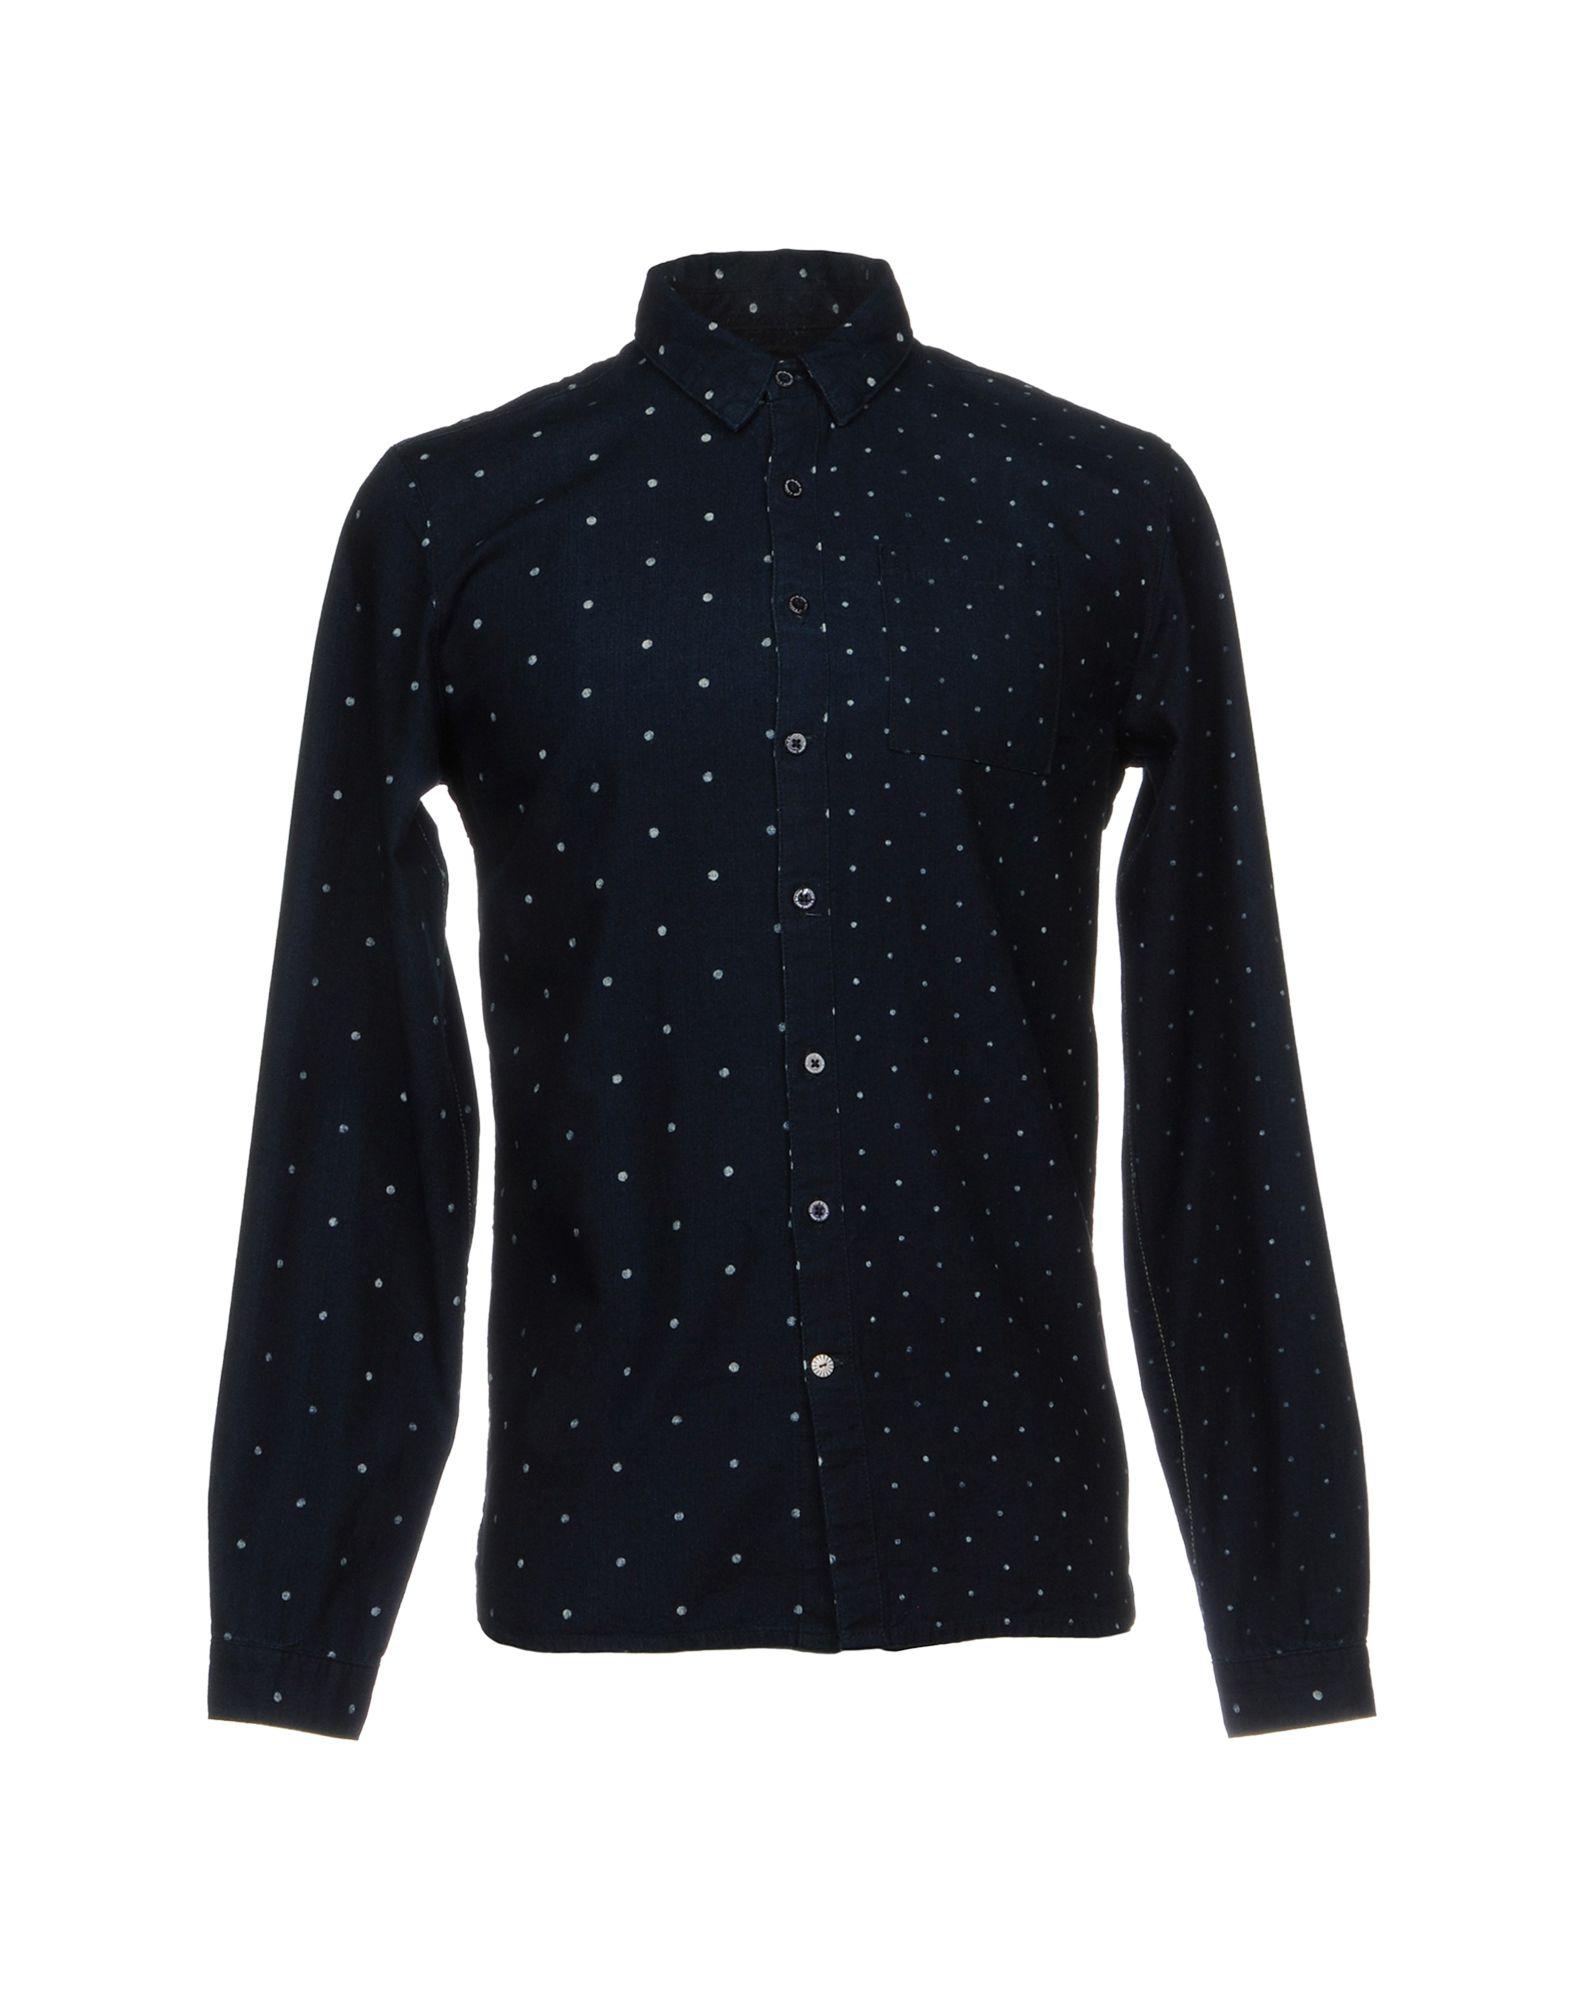 SCOTCH & SODA Джинсовая рубашка рубашка в мелкий горошек